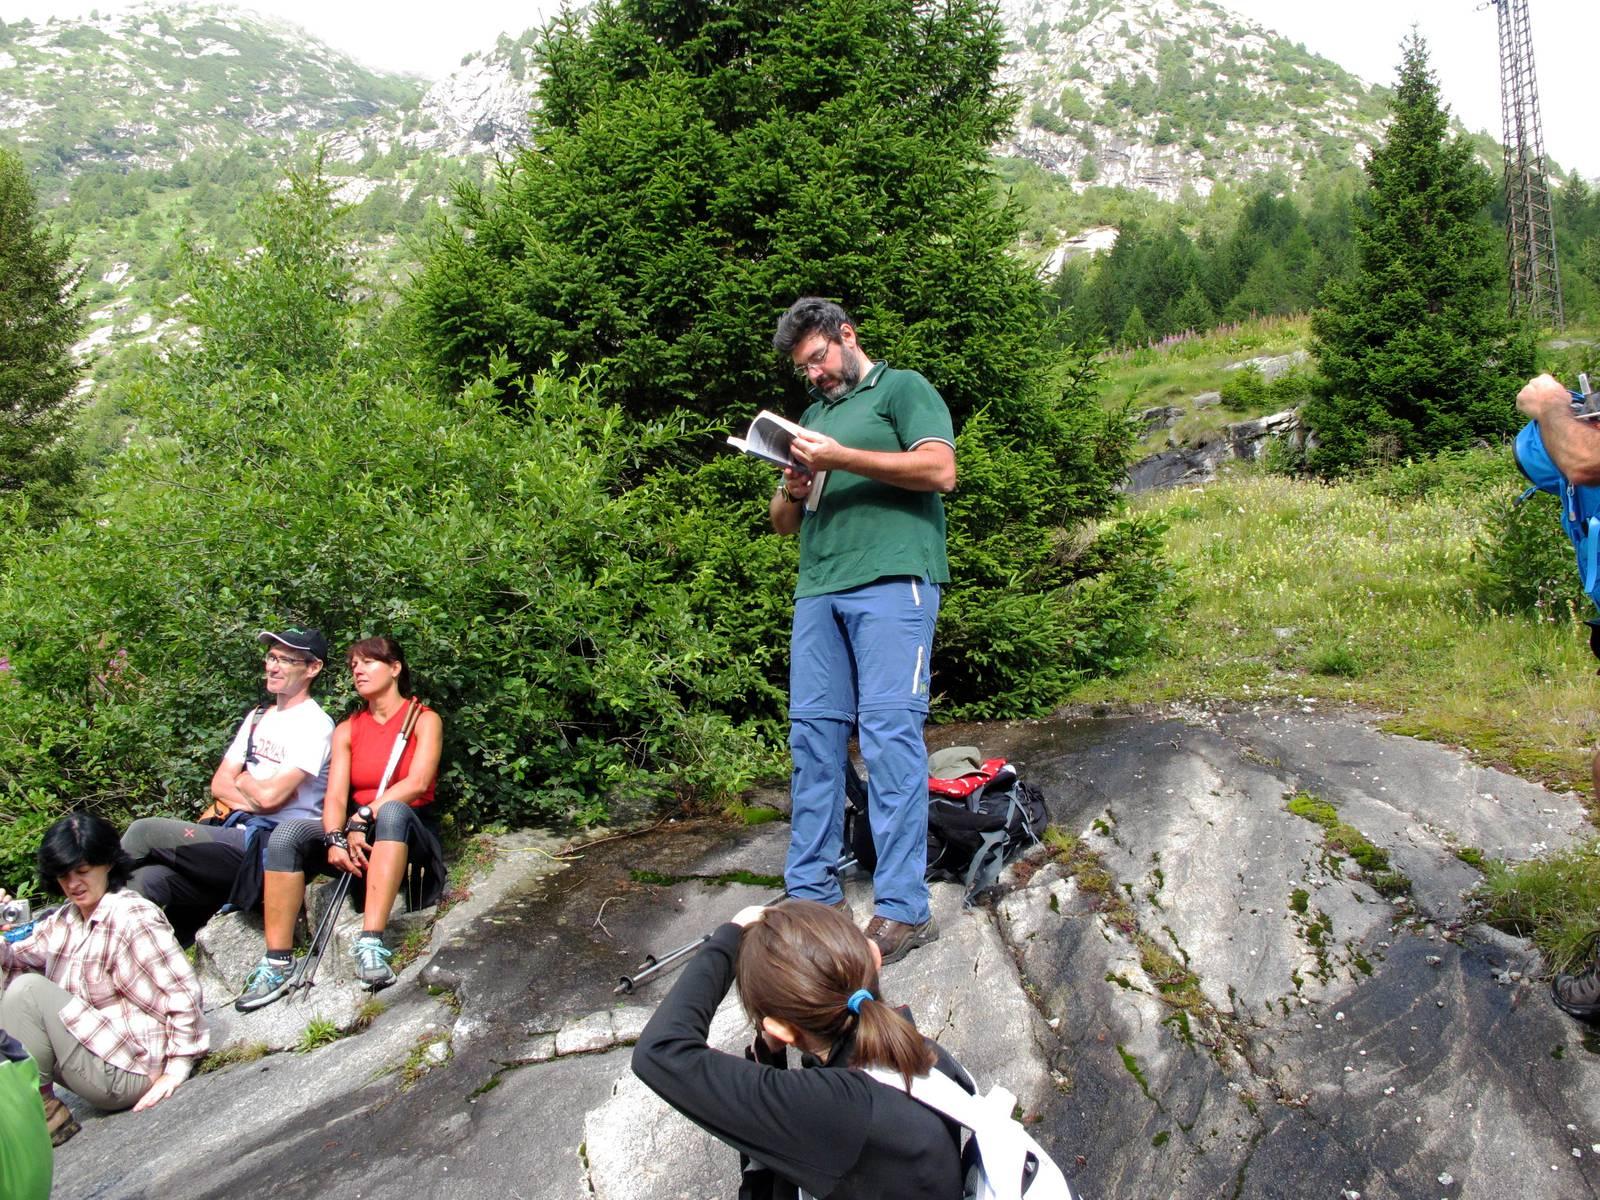 Passi-nella-neve-9-agosto-2014_Narrazione-in-cammino-destinazione-Garibaldi181 Copia